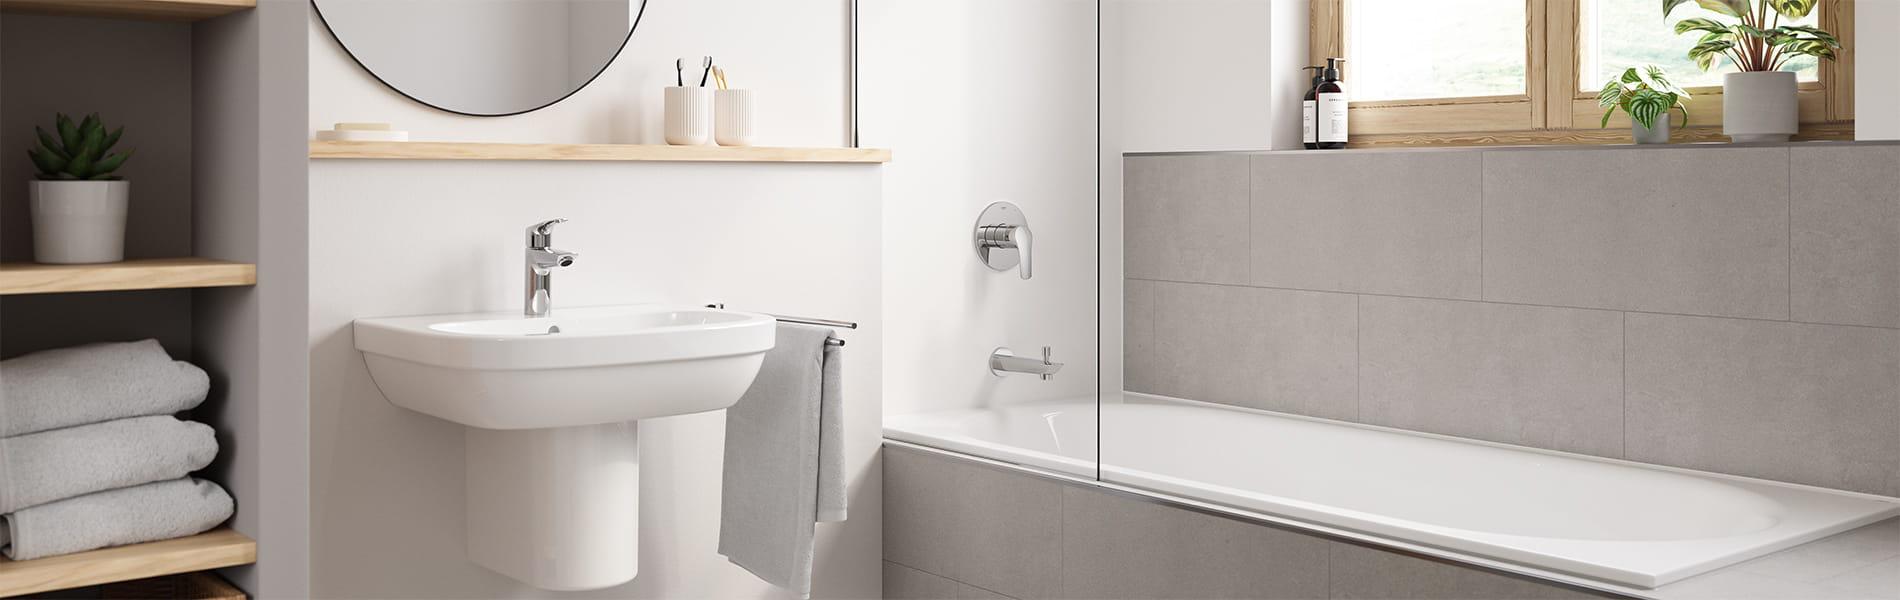 Eurosmart bathroom faucet suite